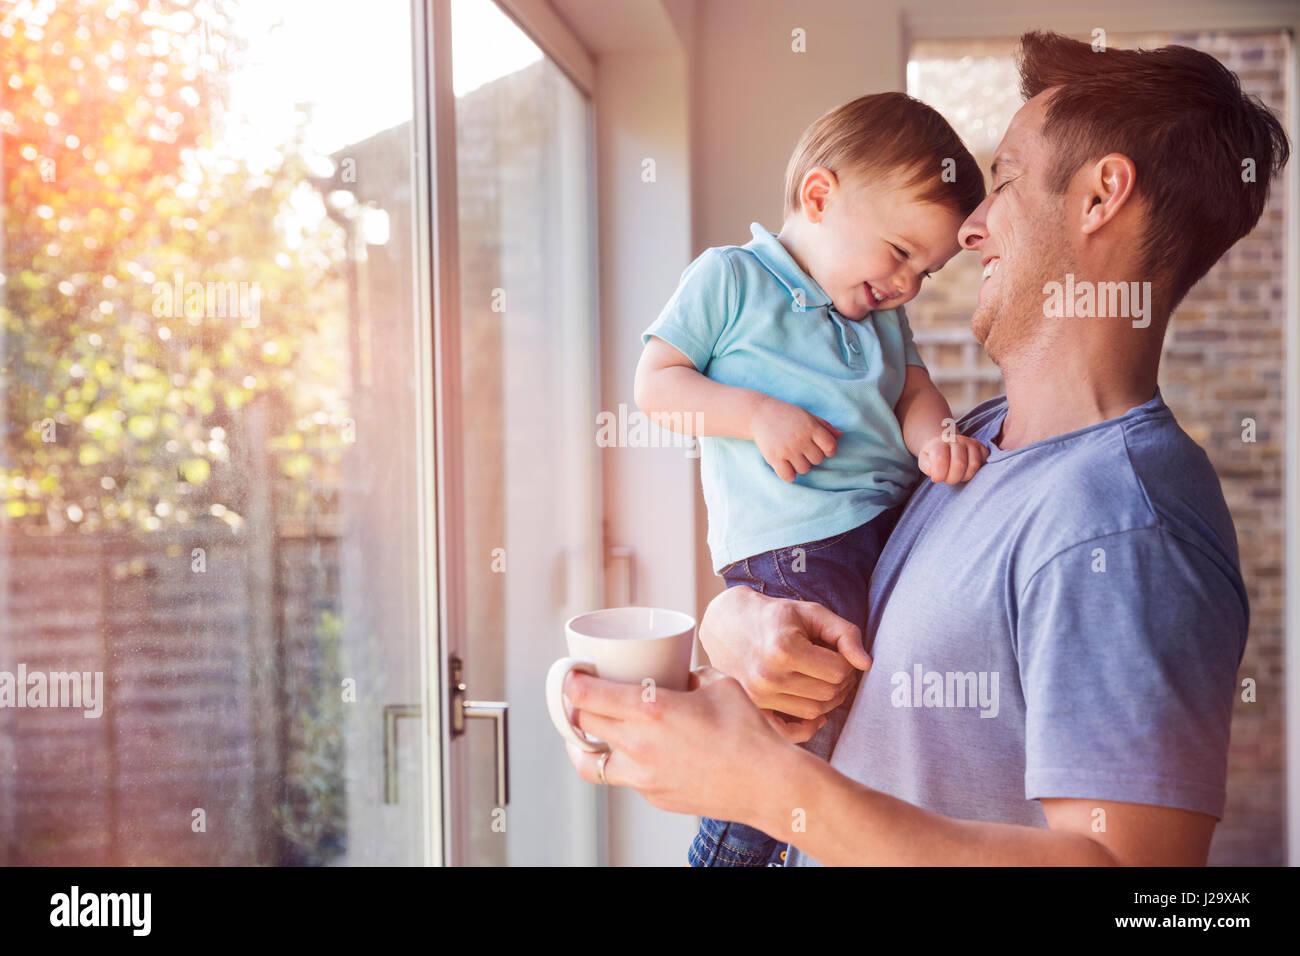 Vater hält kleinen Sohn beim Kaffeetrinken zu Hause am Fenster Stockfoto